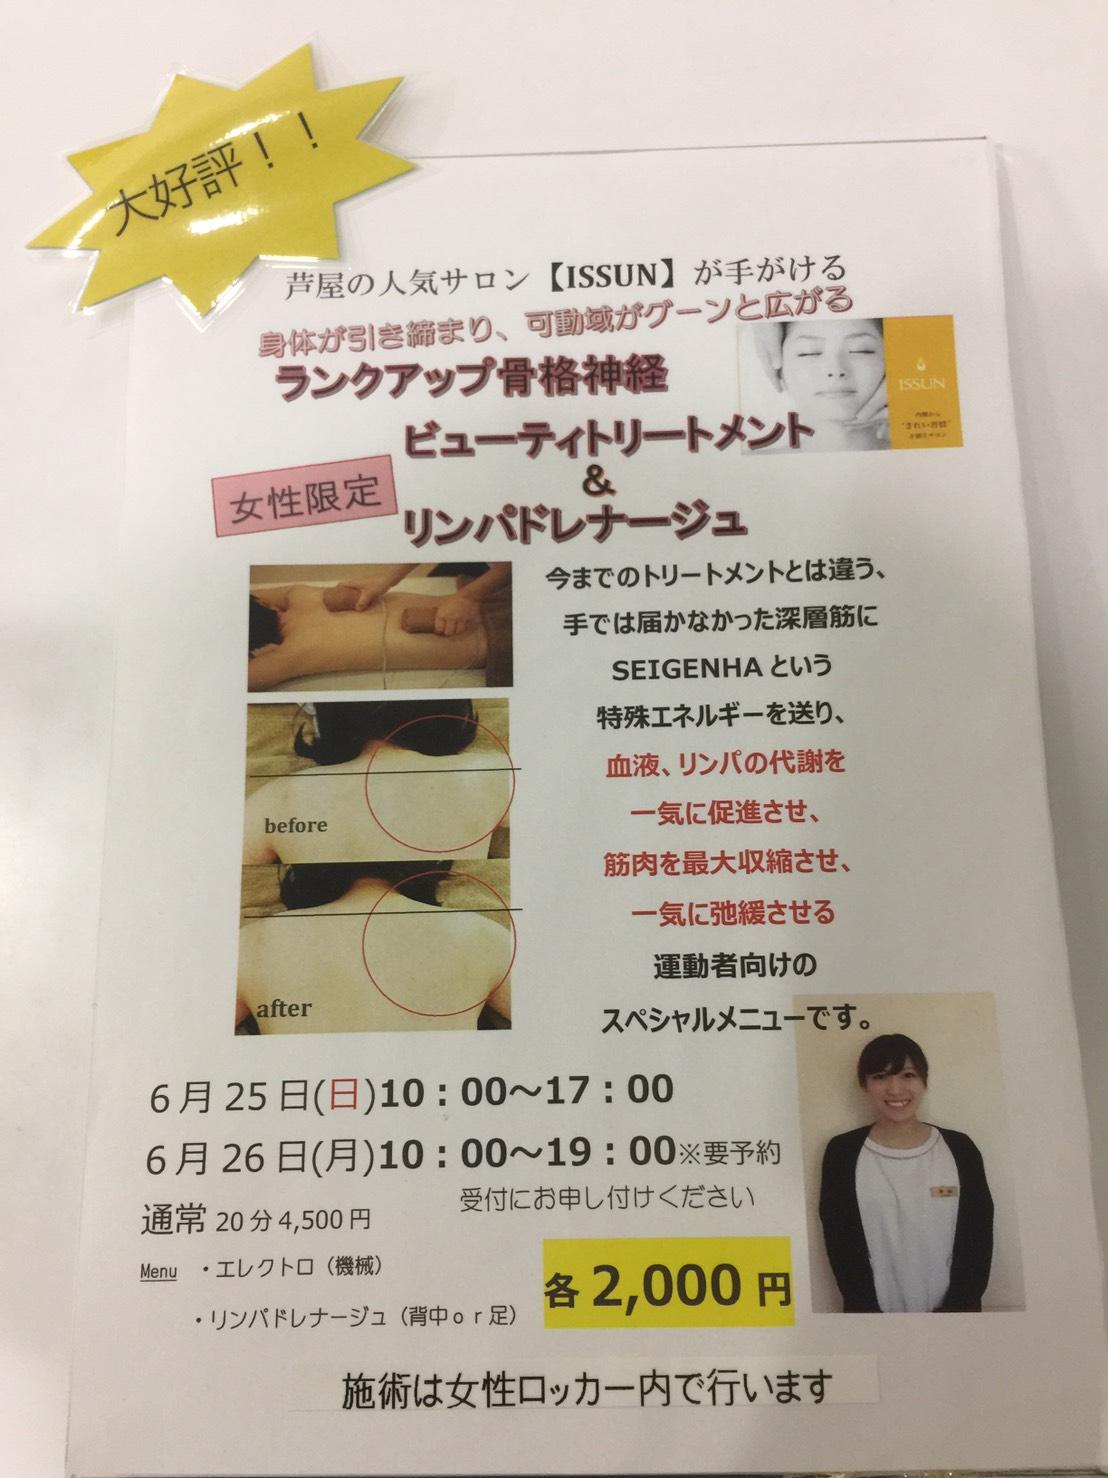 大好評の女性限定ISSUNコラボイベント!